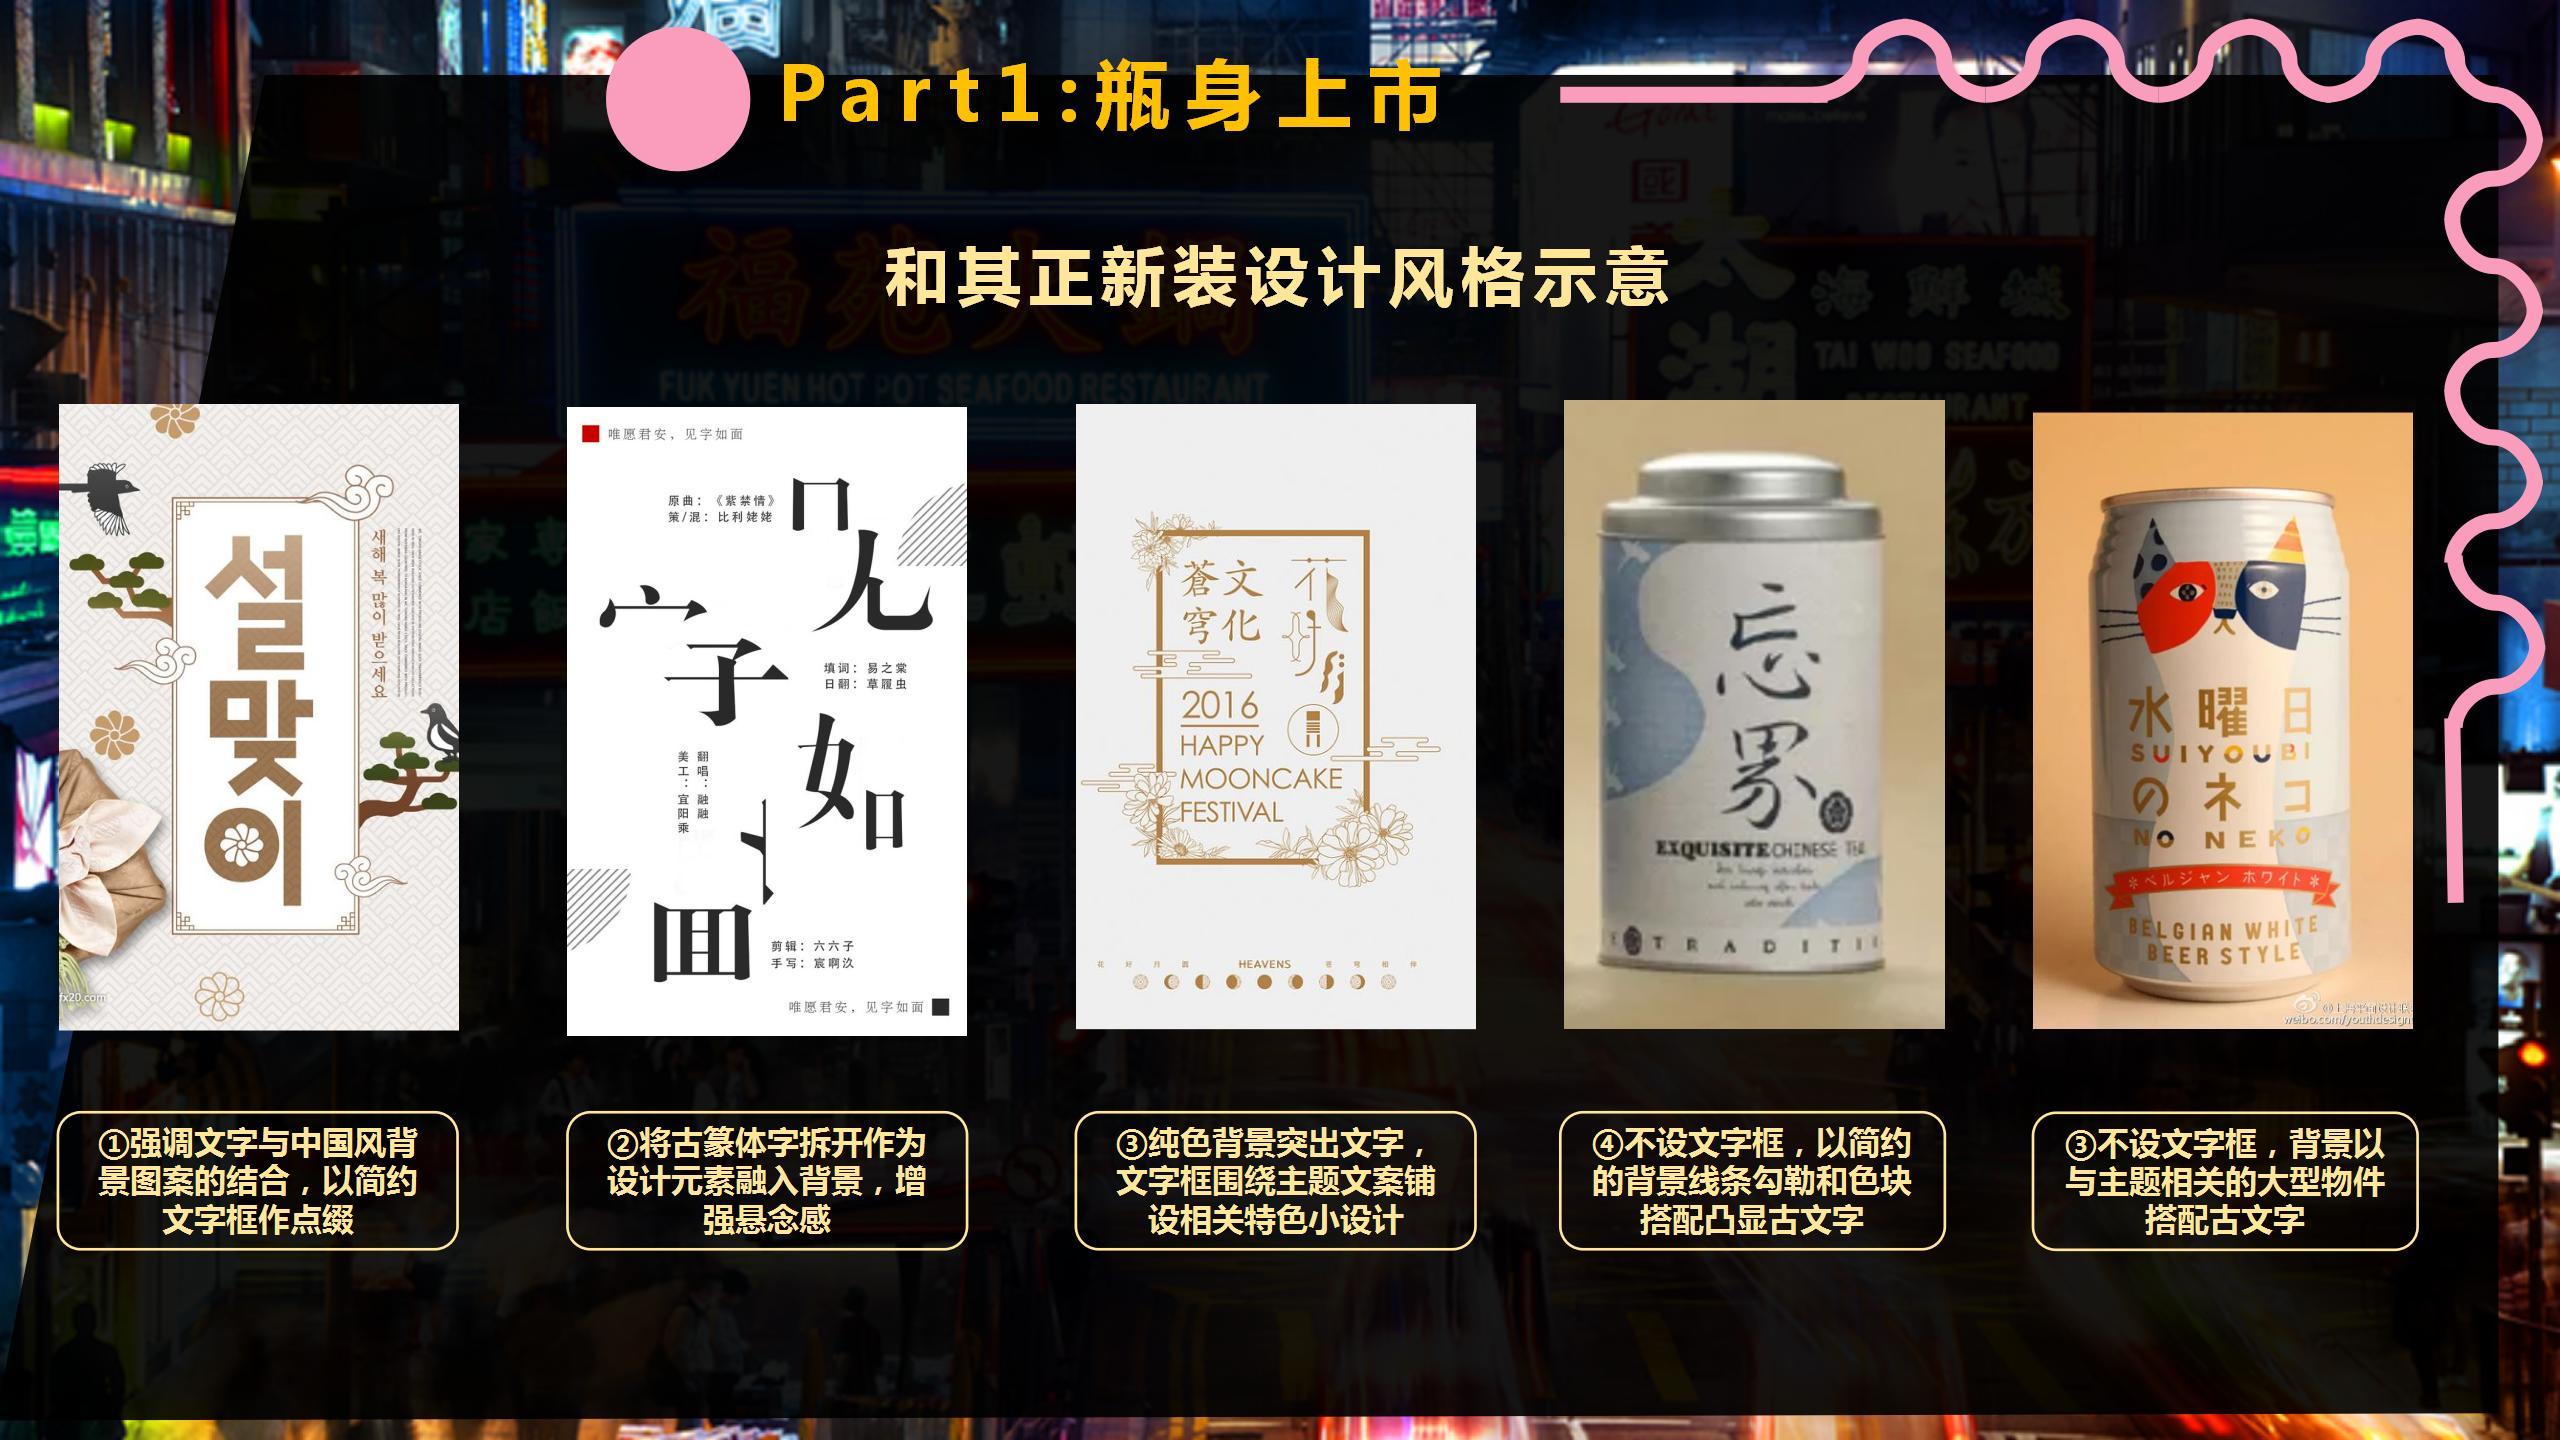 2019和其正x网易云音乐互联网推广计划,线上营销执行方案